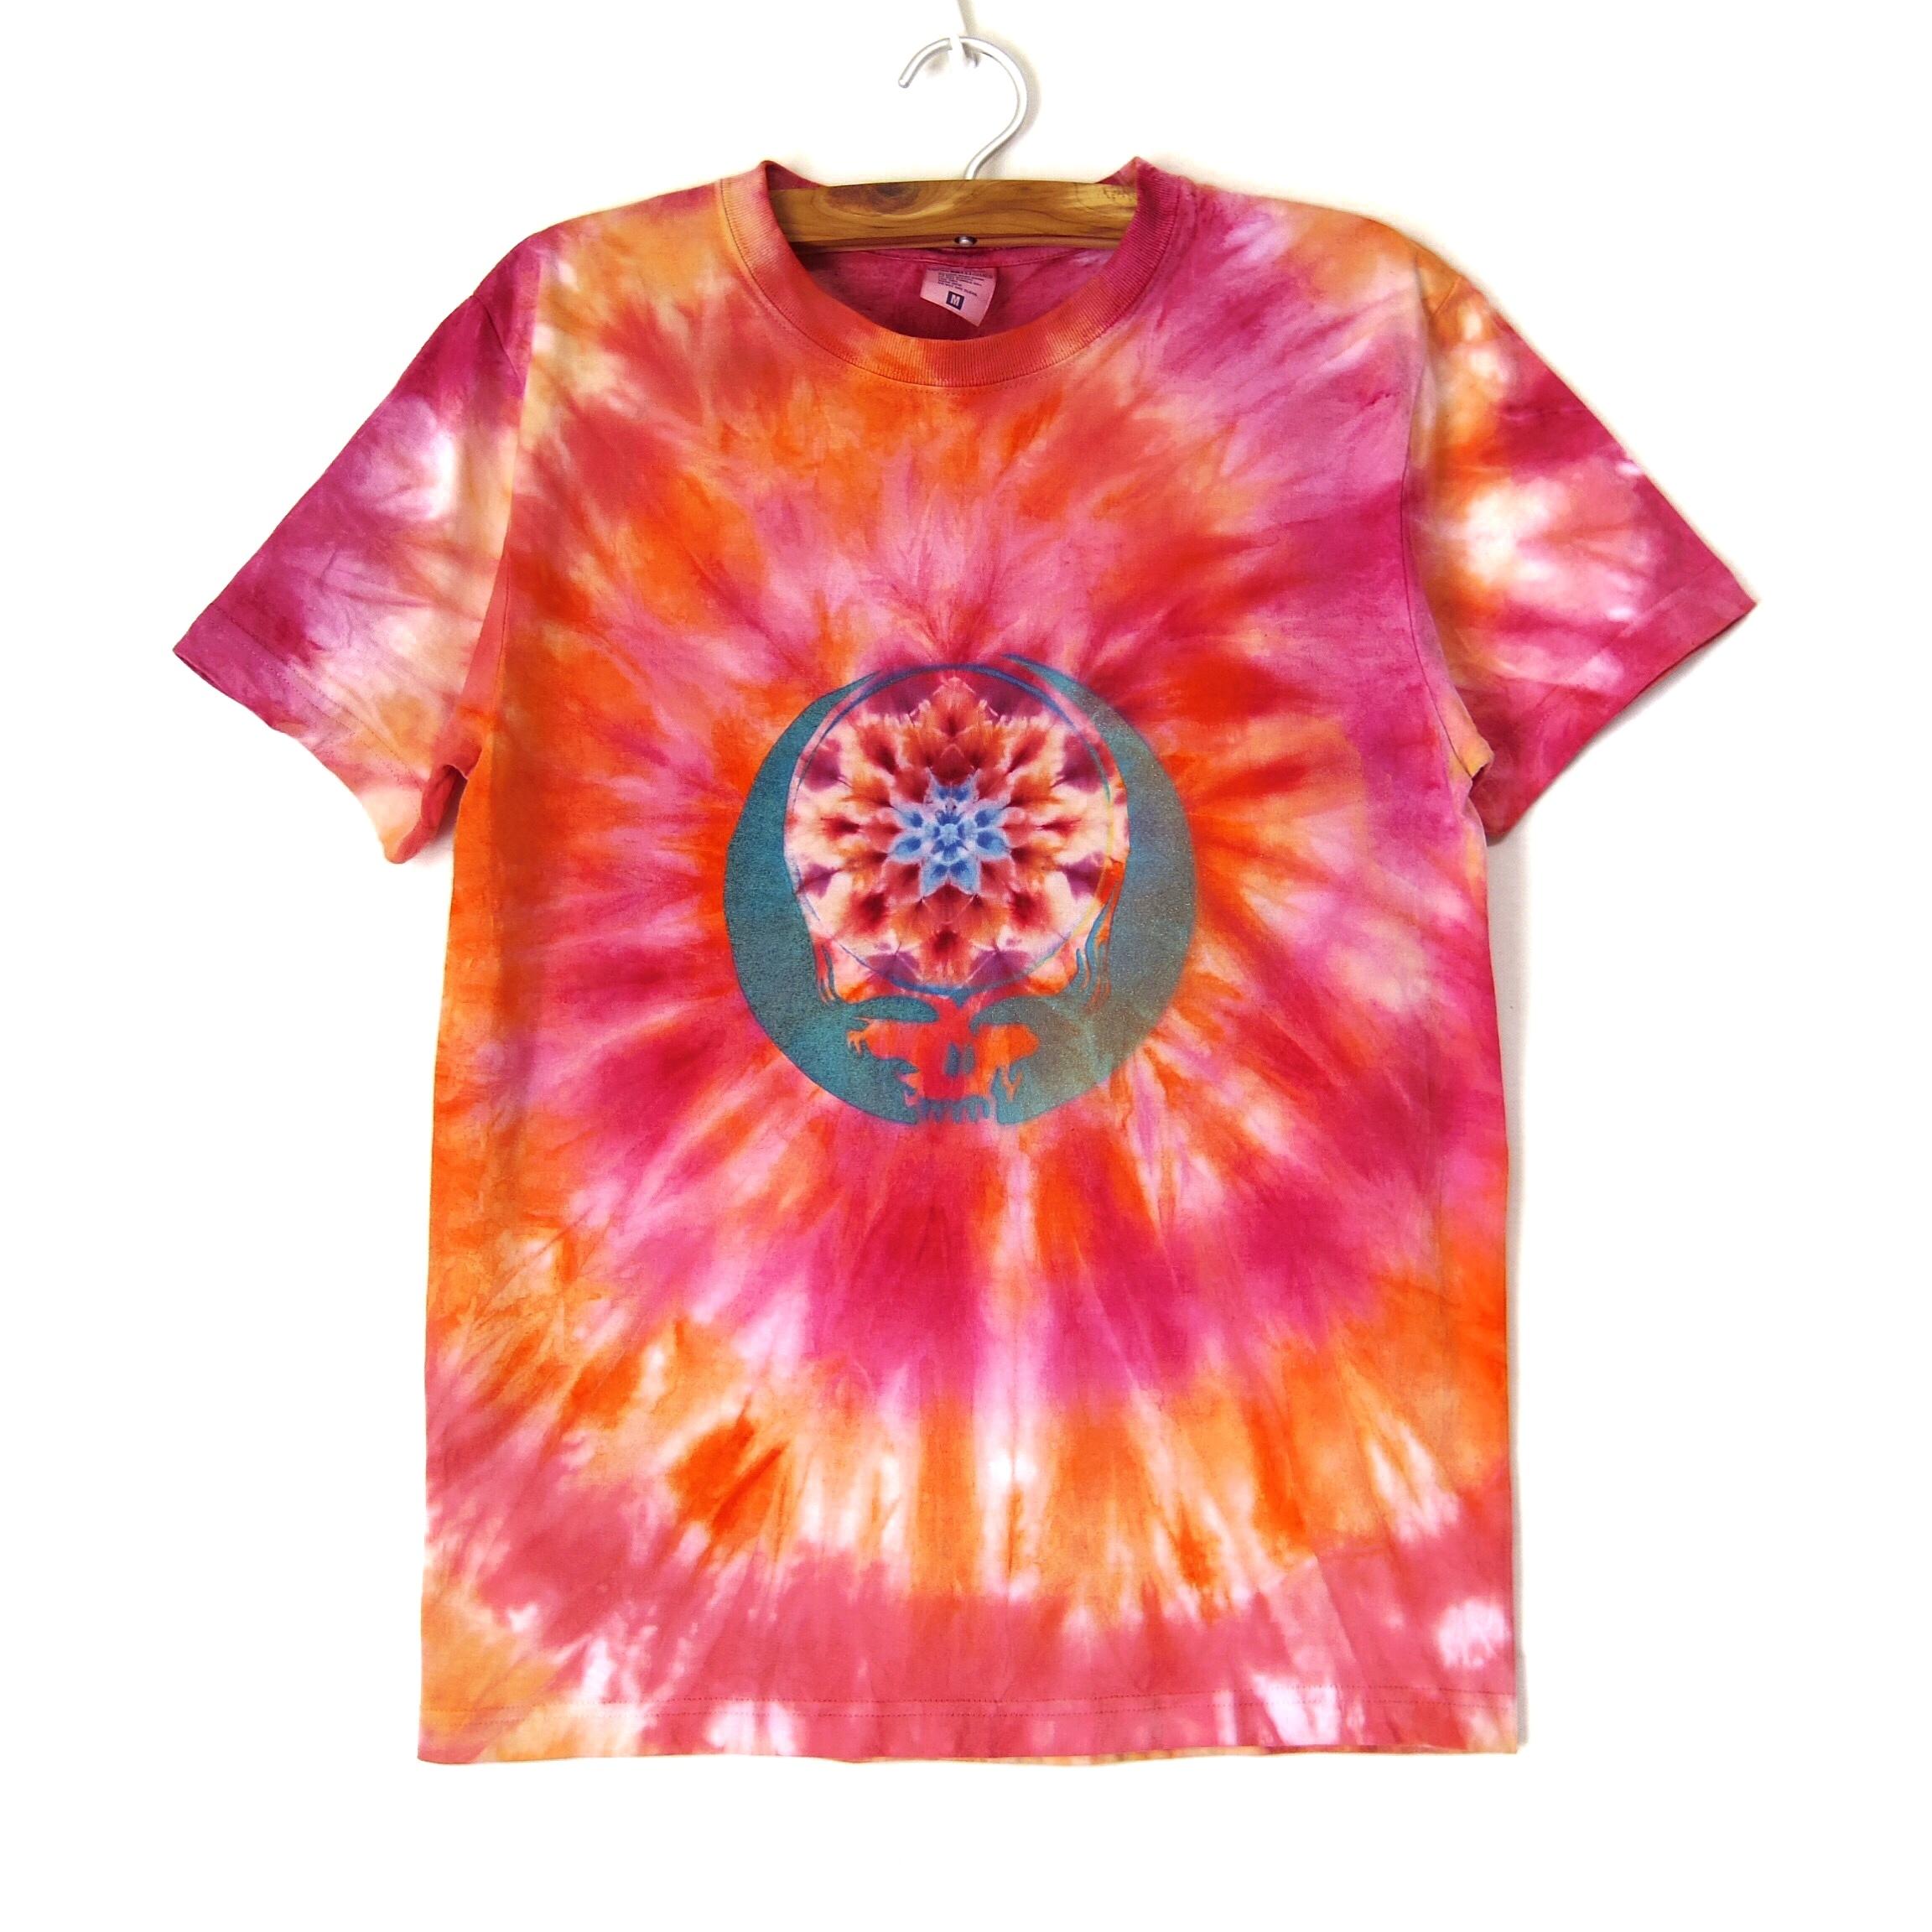 TKHOMEFACTORY × GREATFUL DEAD  Mandala×spiral tiedye T-shirt  M